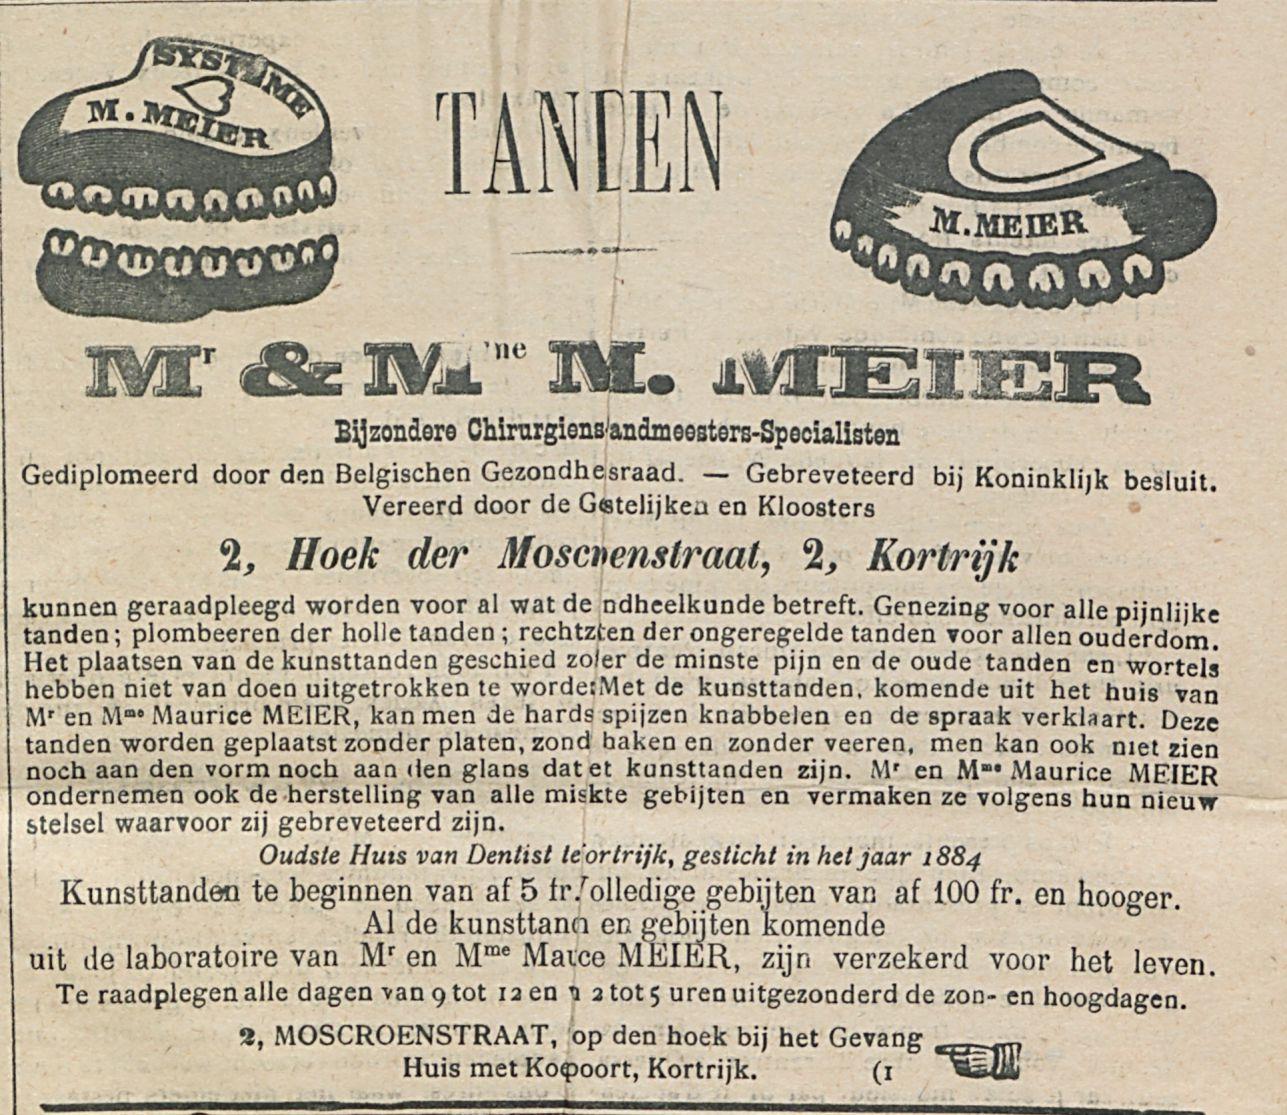 MR & MME M MEIER